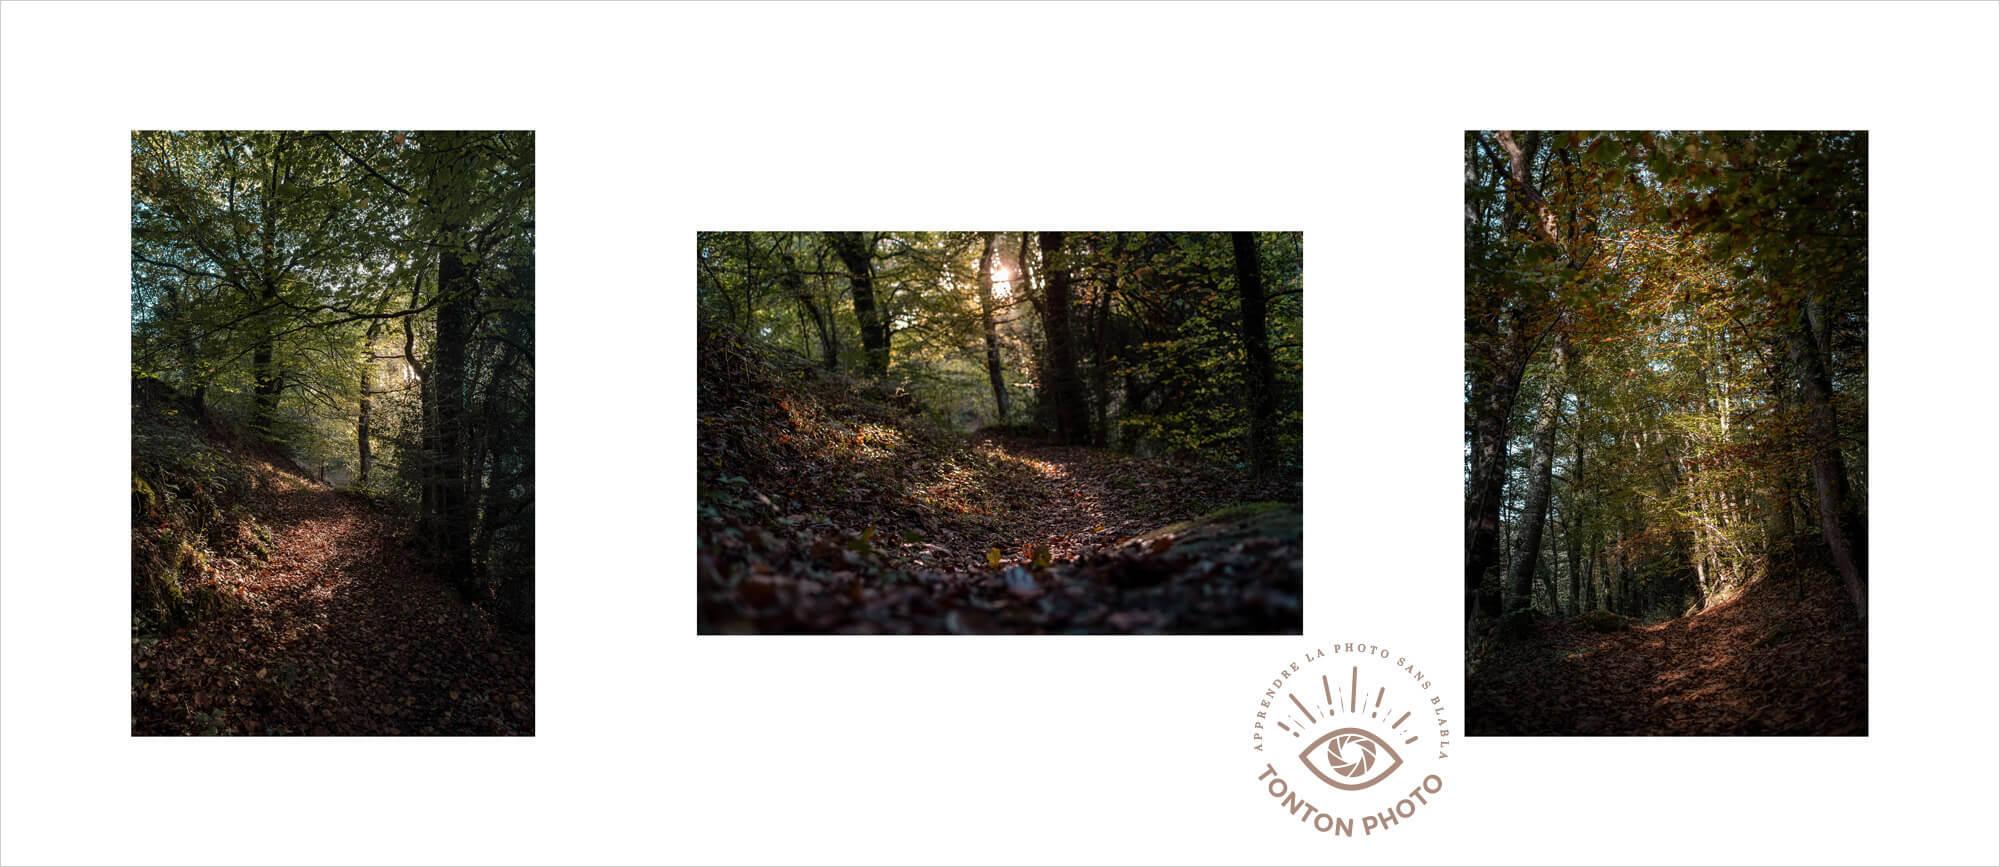 Cliquez ici pour voir ma mini-série « Lumière de sous-bois » sur Instagram #monconfinementphoto © Clément Racineux / Tonton Photo